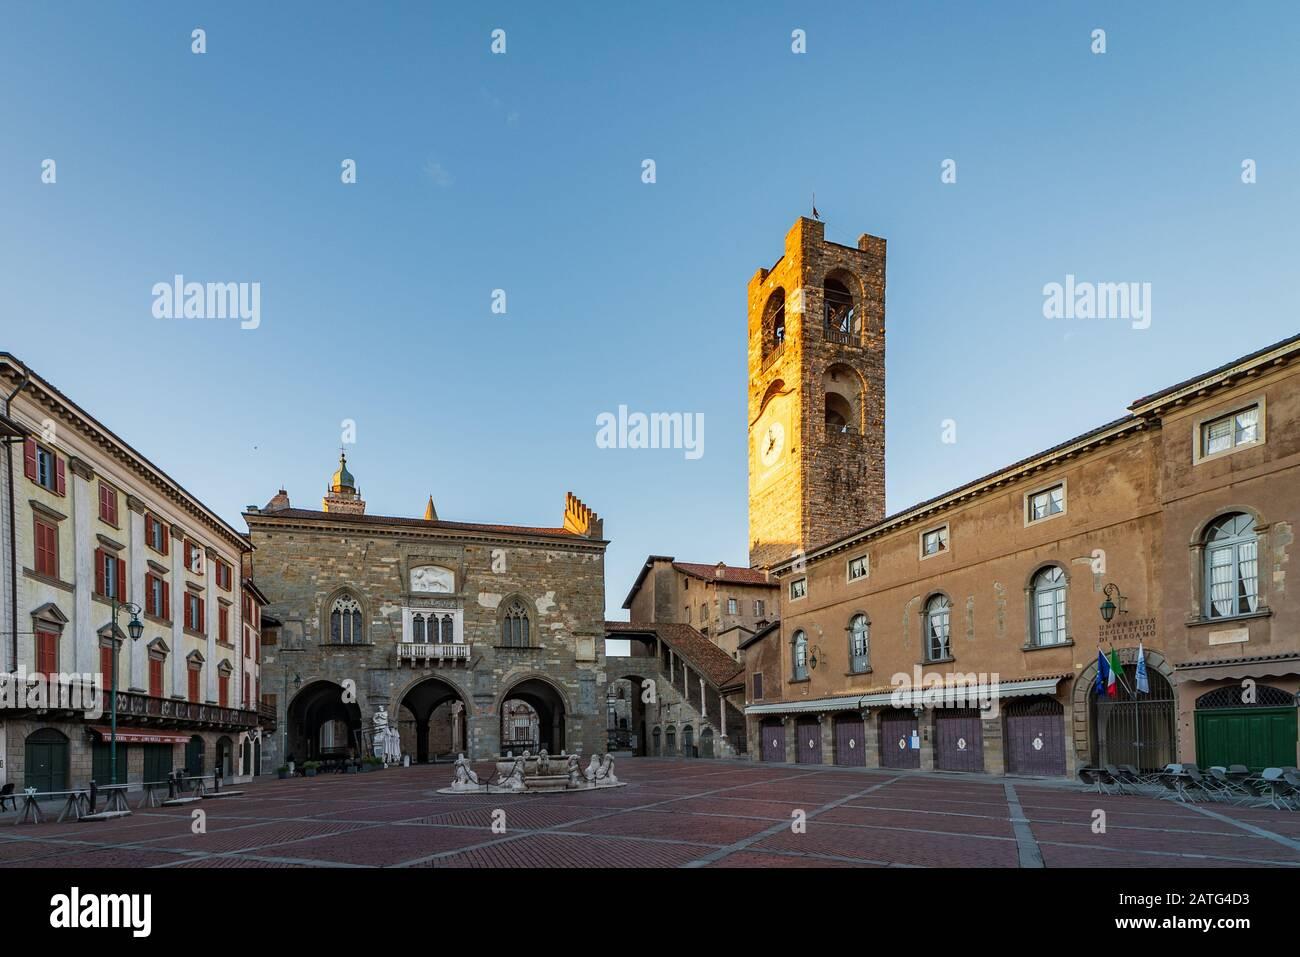 Panorama de la Piazza Vecchia con la fuente de Contarini y en el fondo el Palazzo della Ragione y el campanario llamado Campanone en la Piazza V. Foto de stock